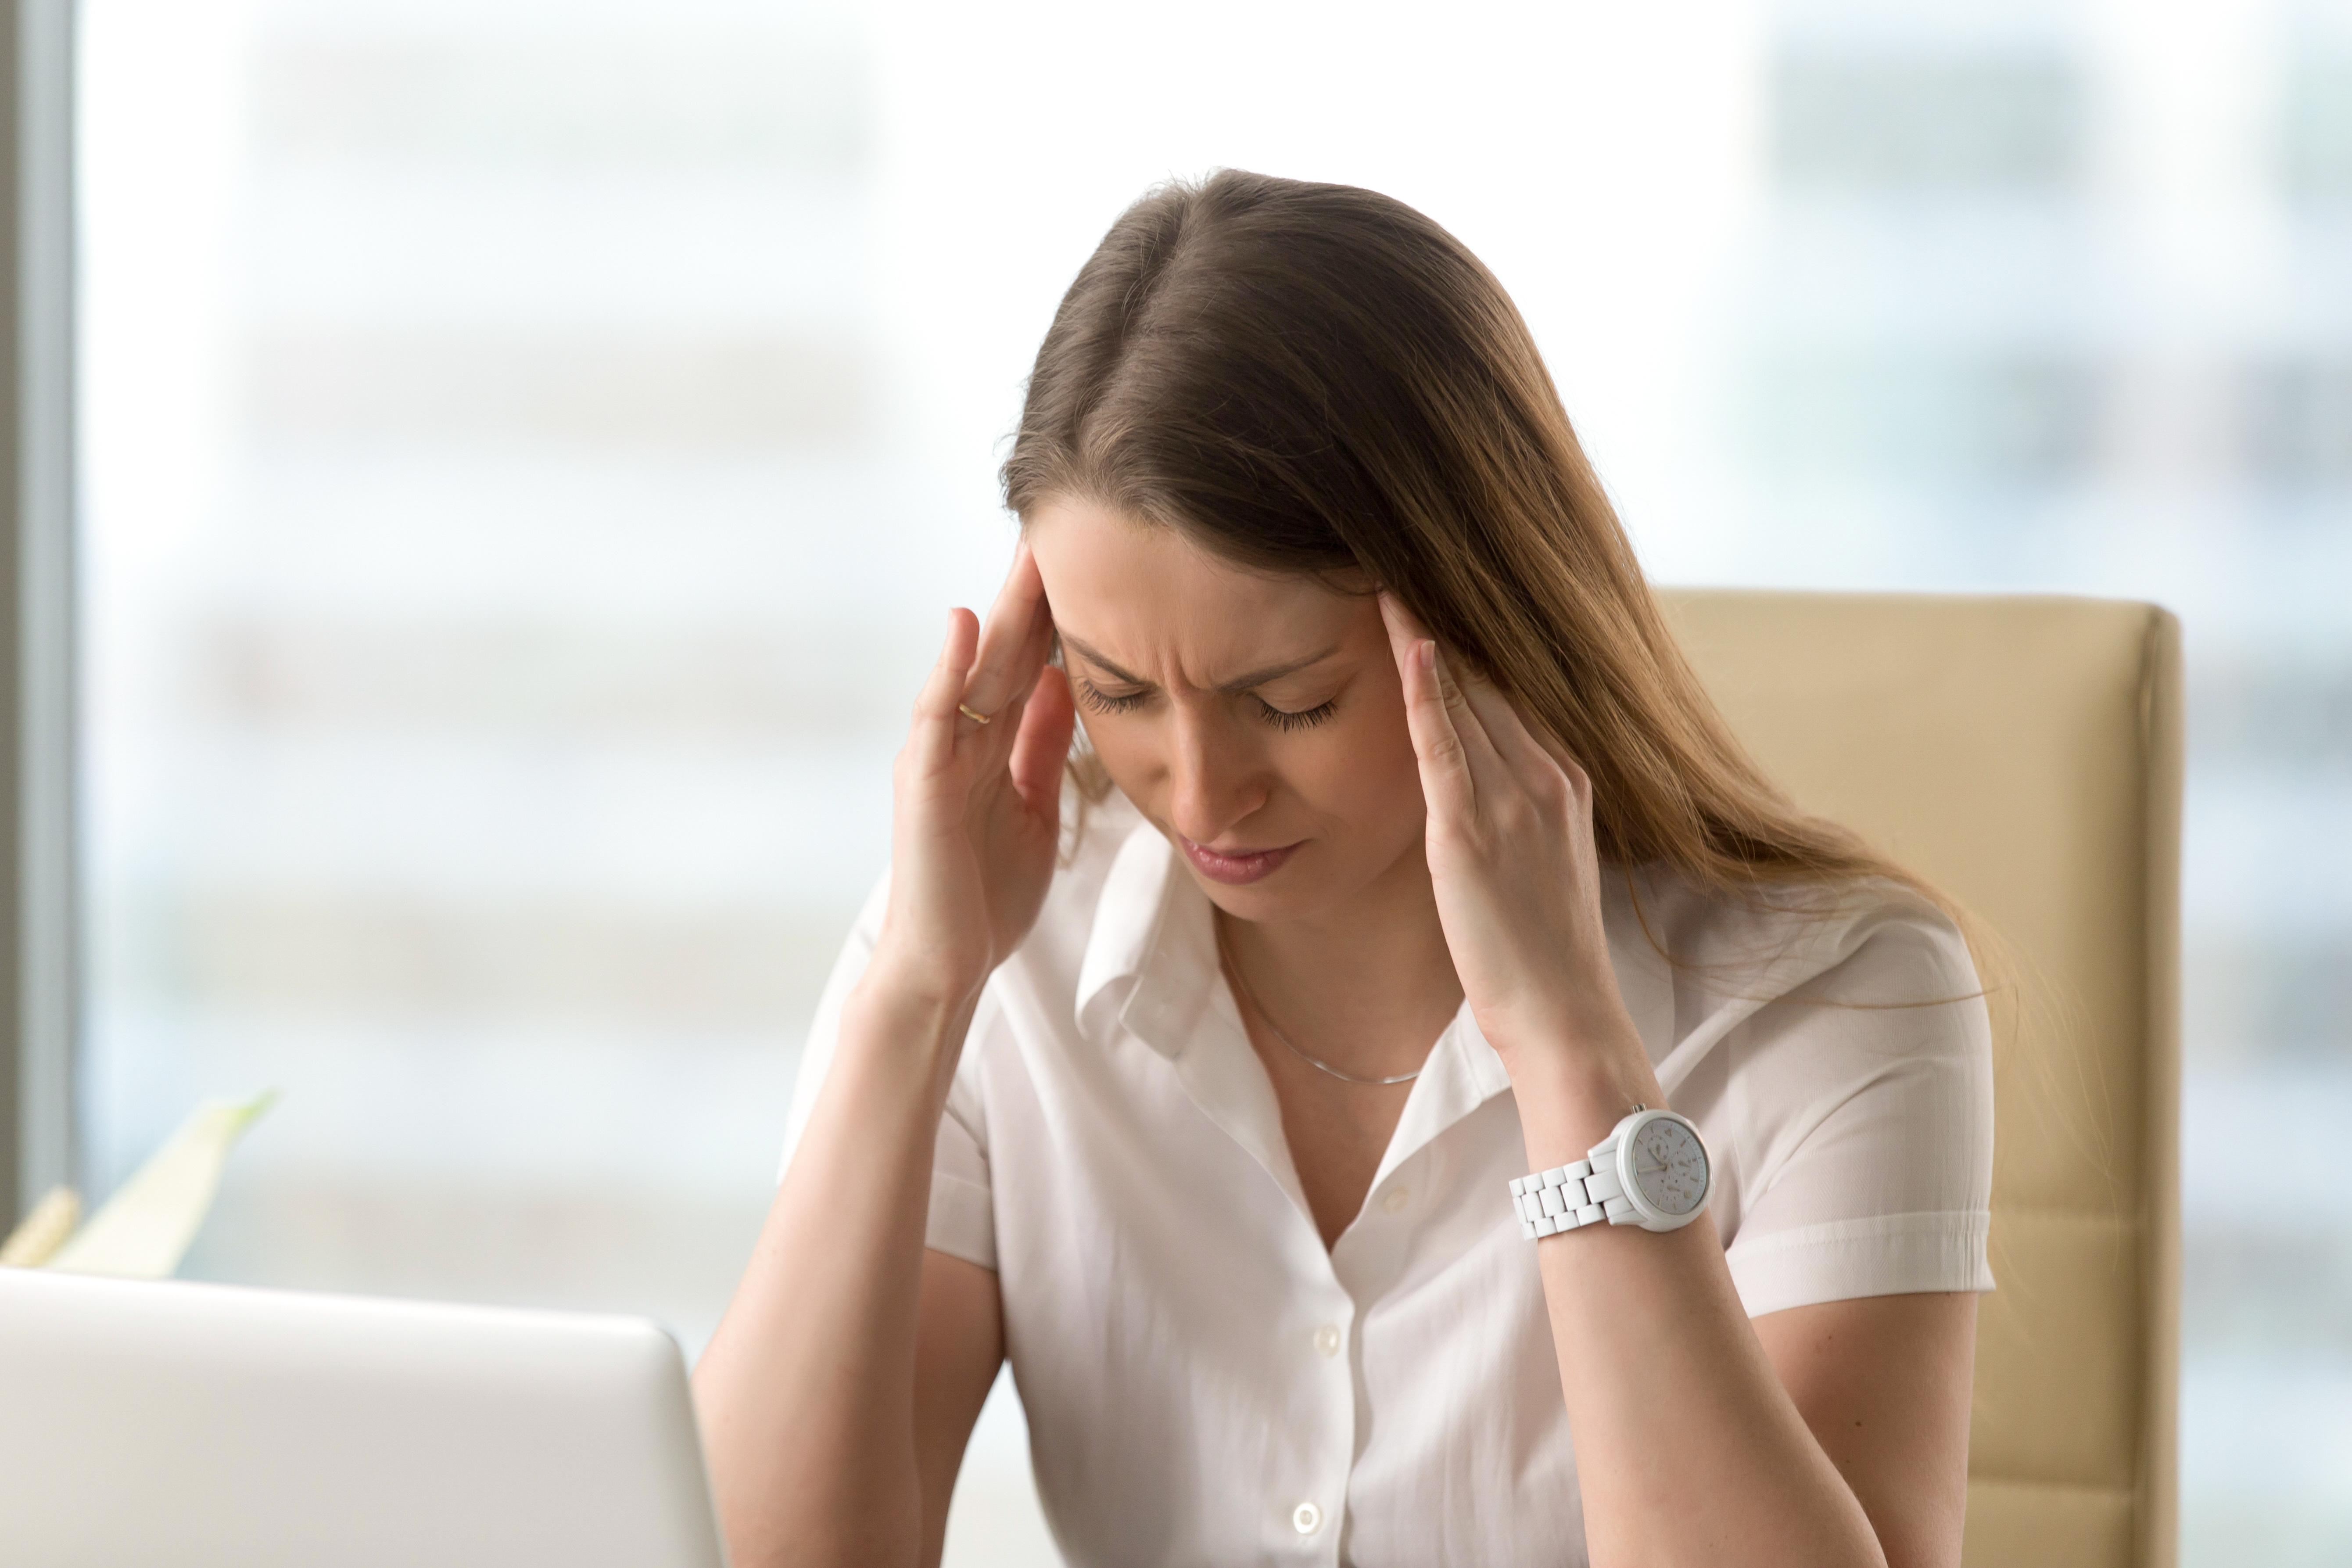 Woman experiencing headache